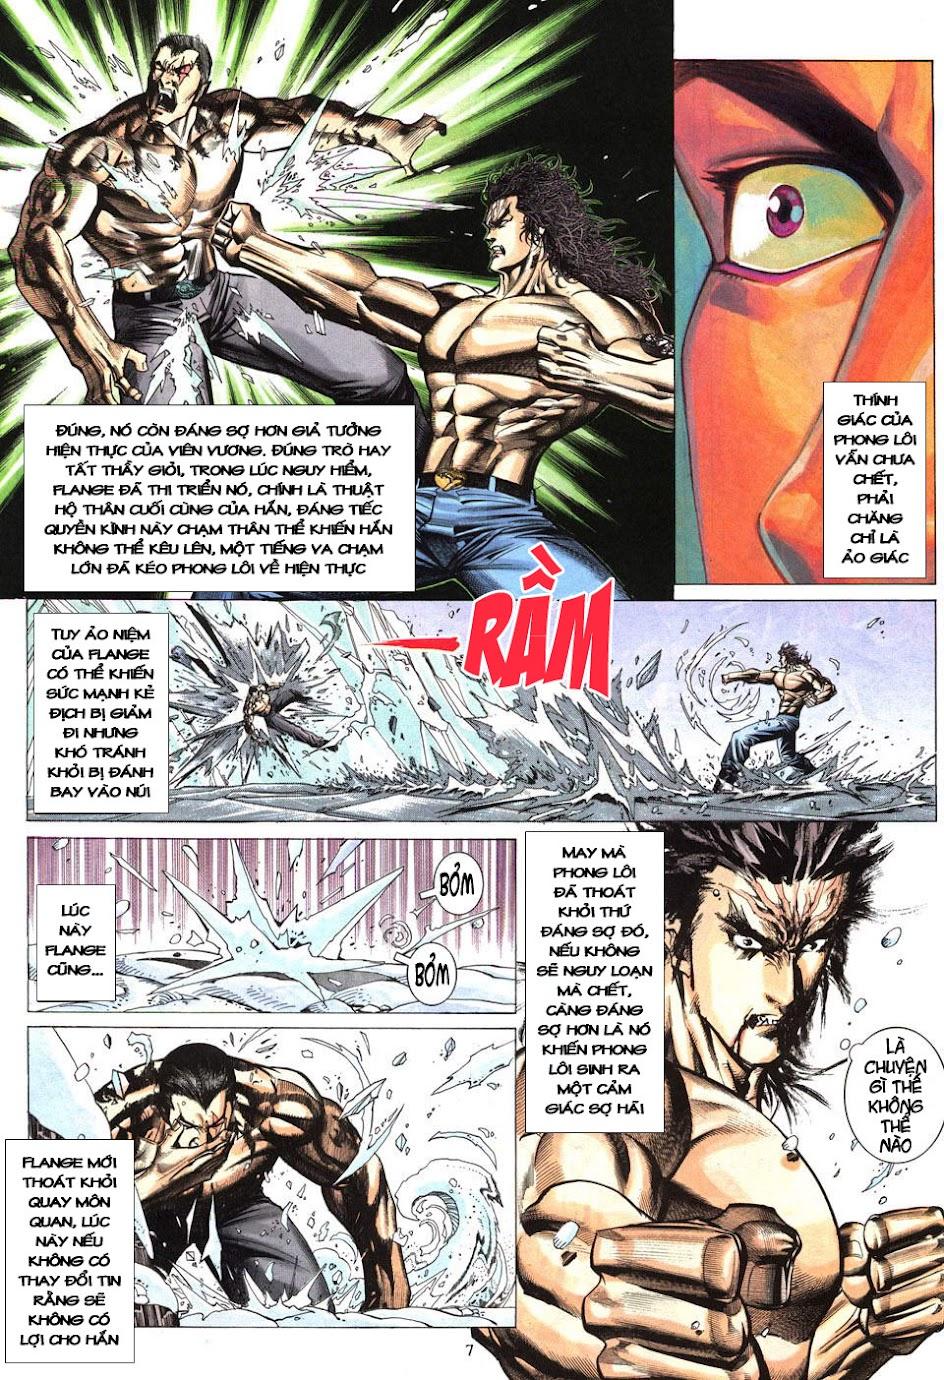 Phong Lôi chap 40 - Trang 8